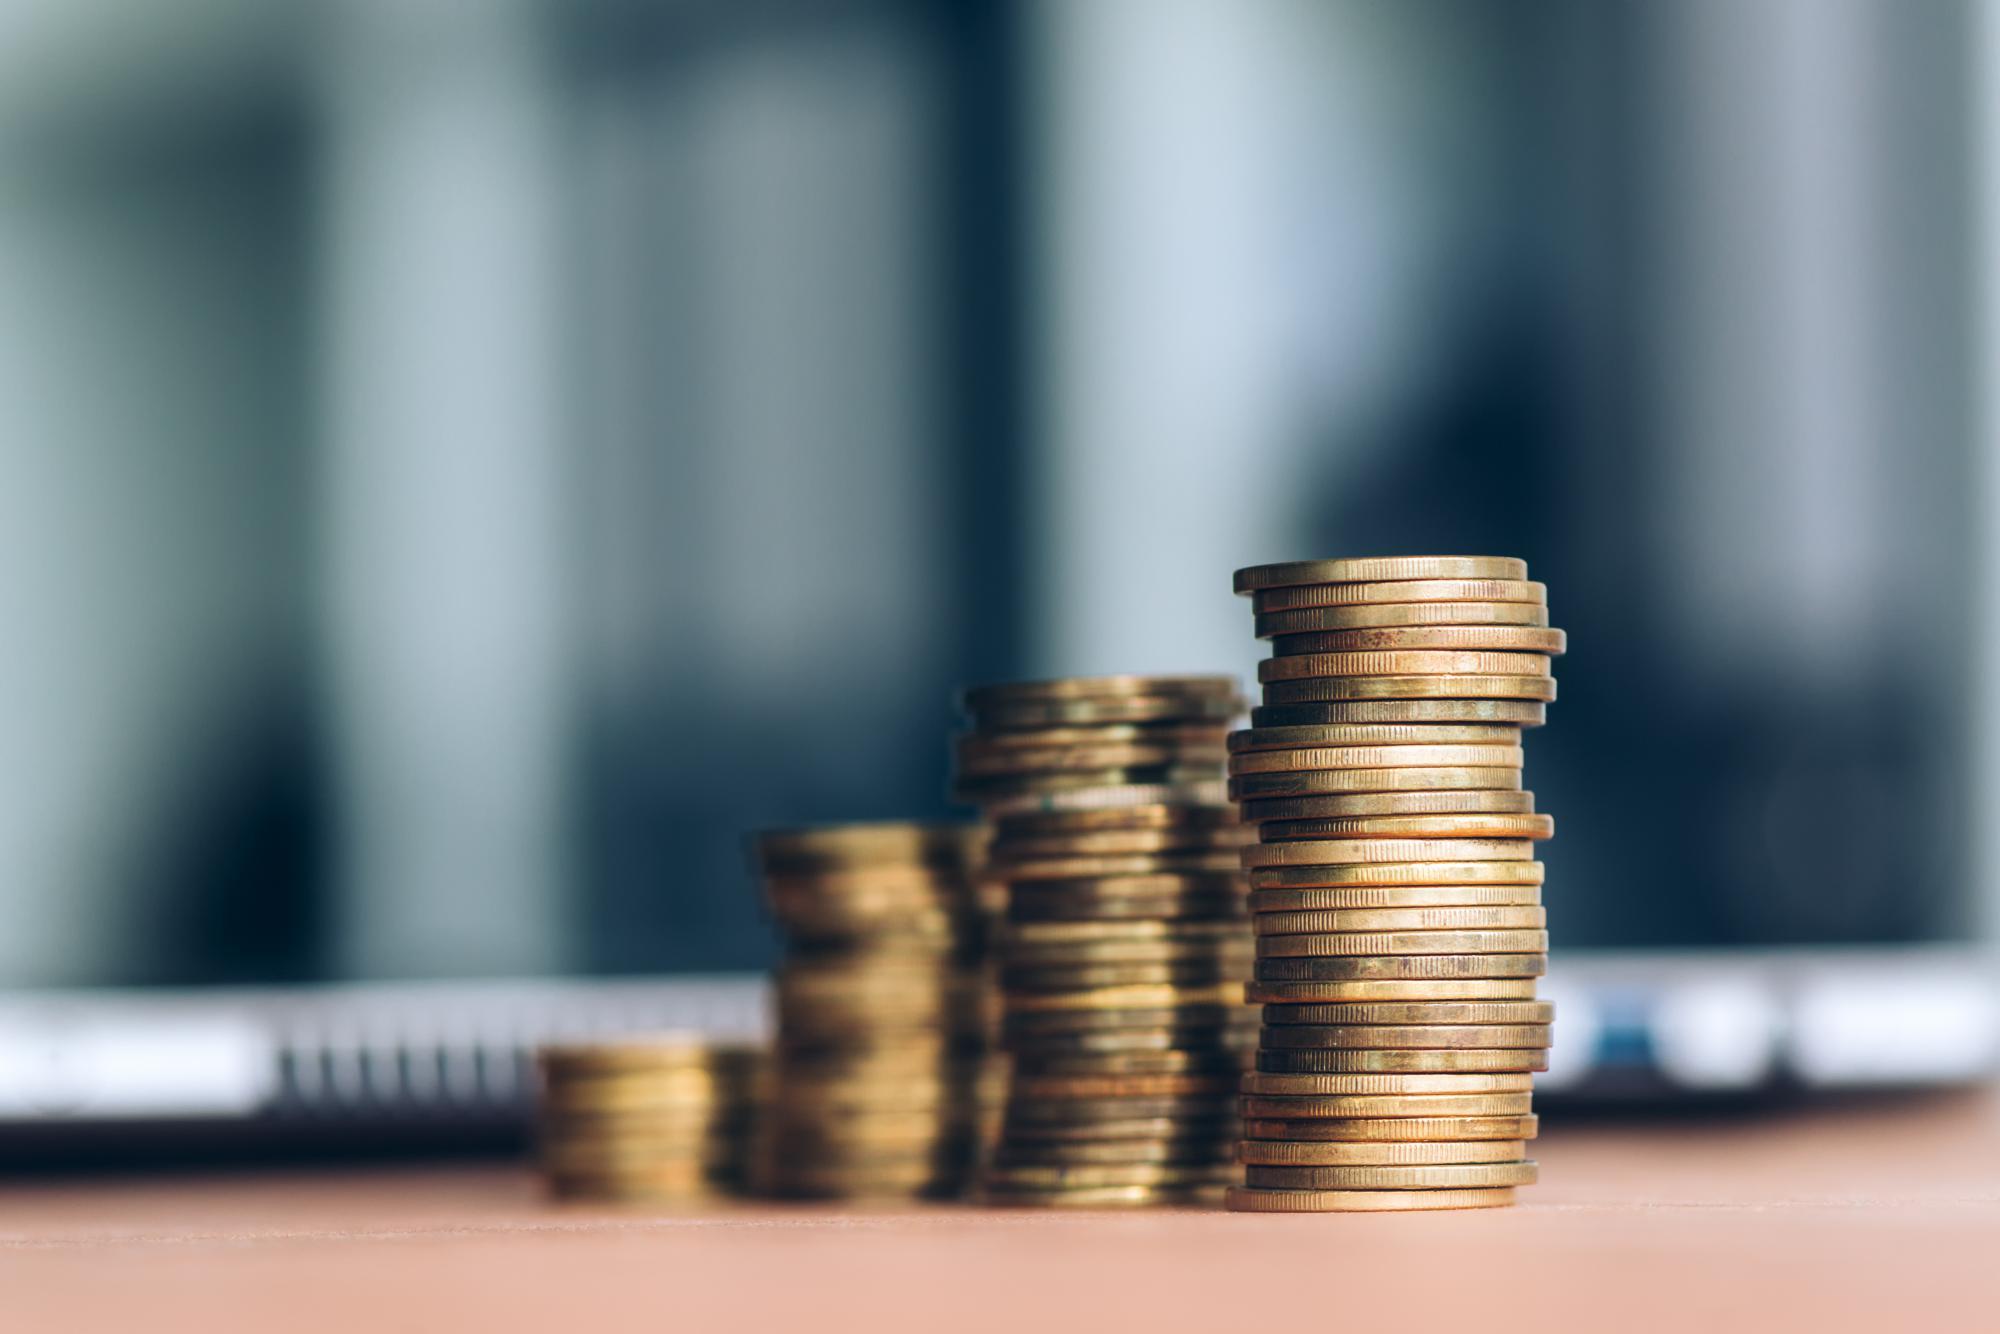 Минфин требует от госкомпаний направлять 25% годовой прибыли на выплату дивидендов